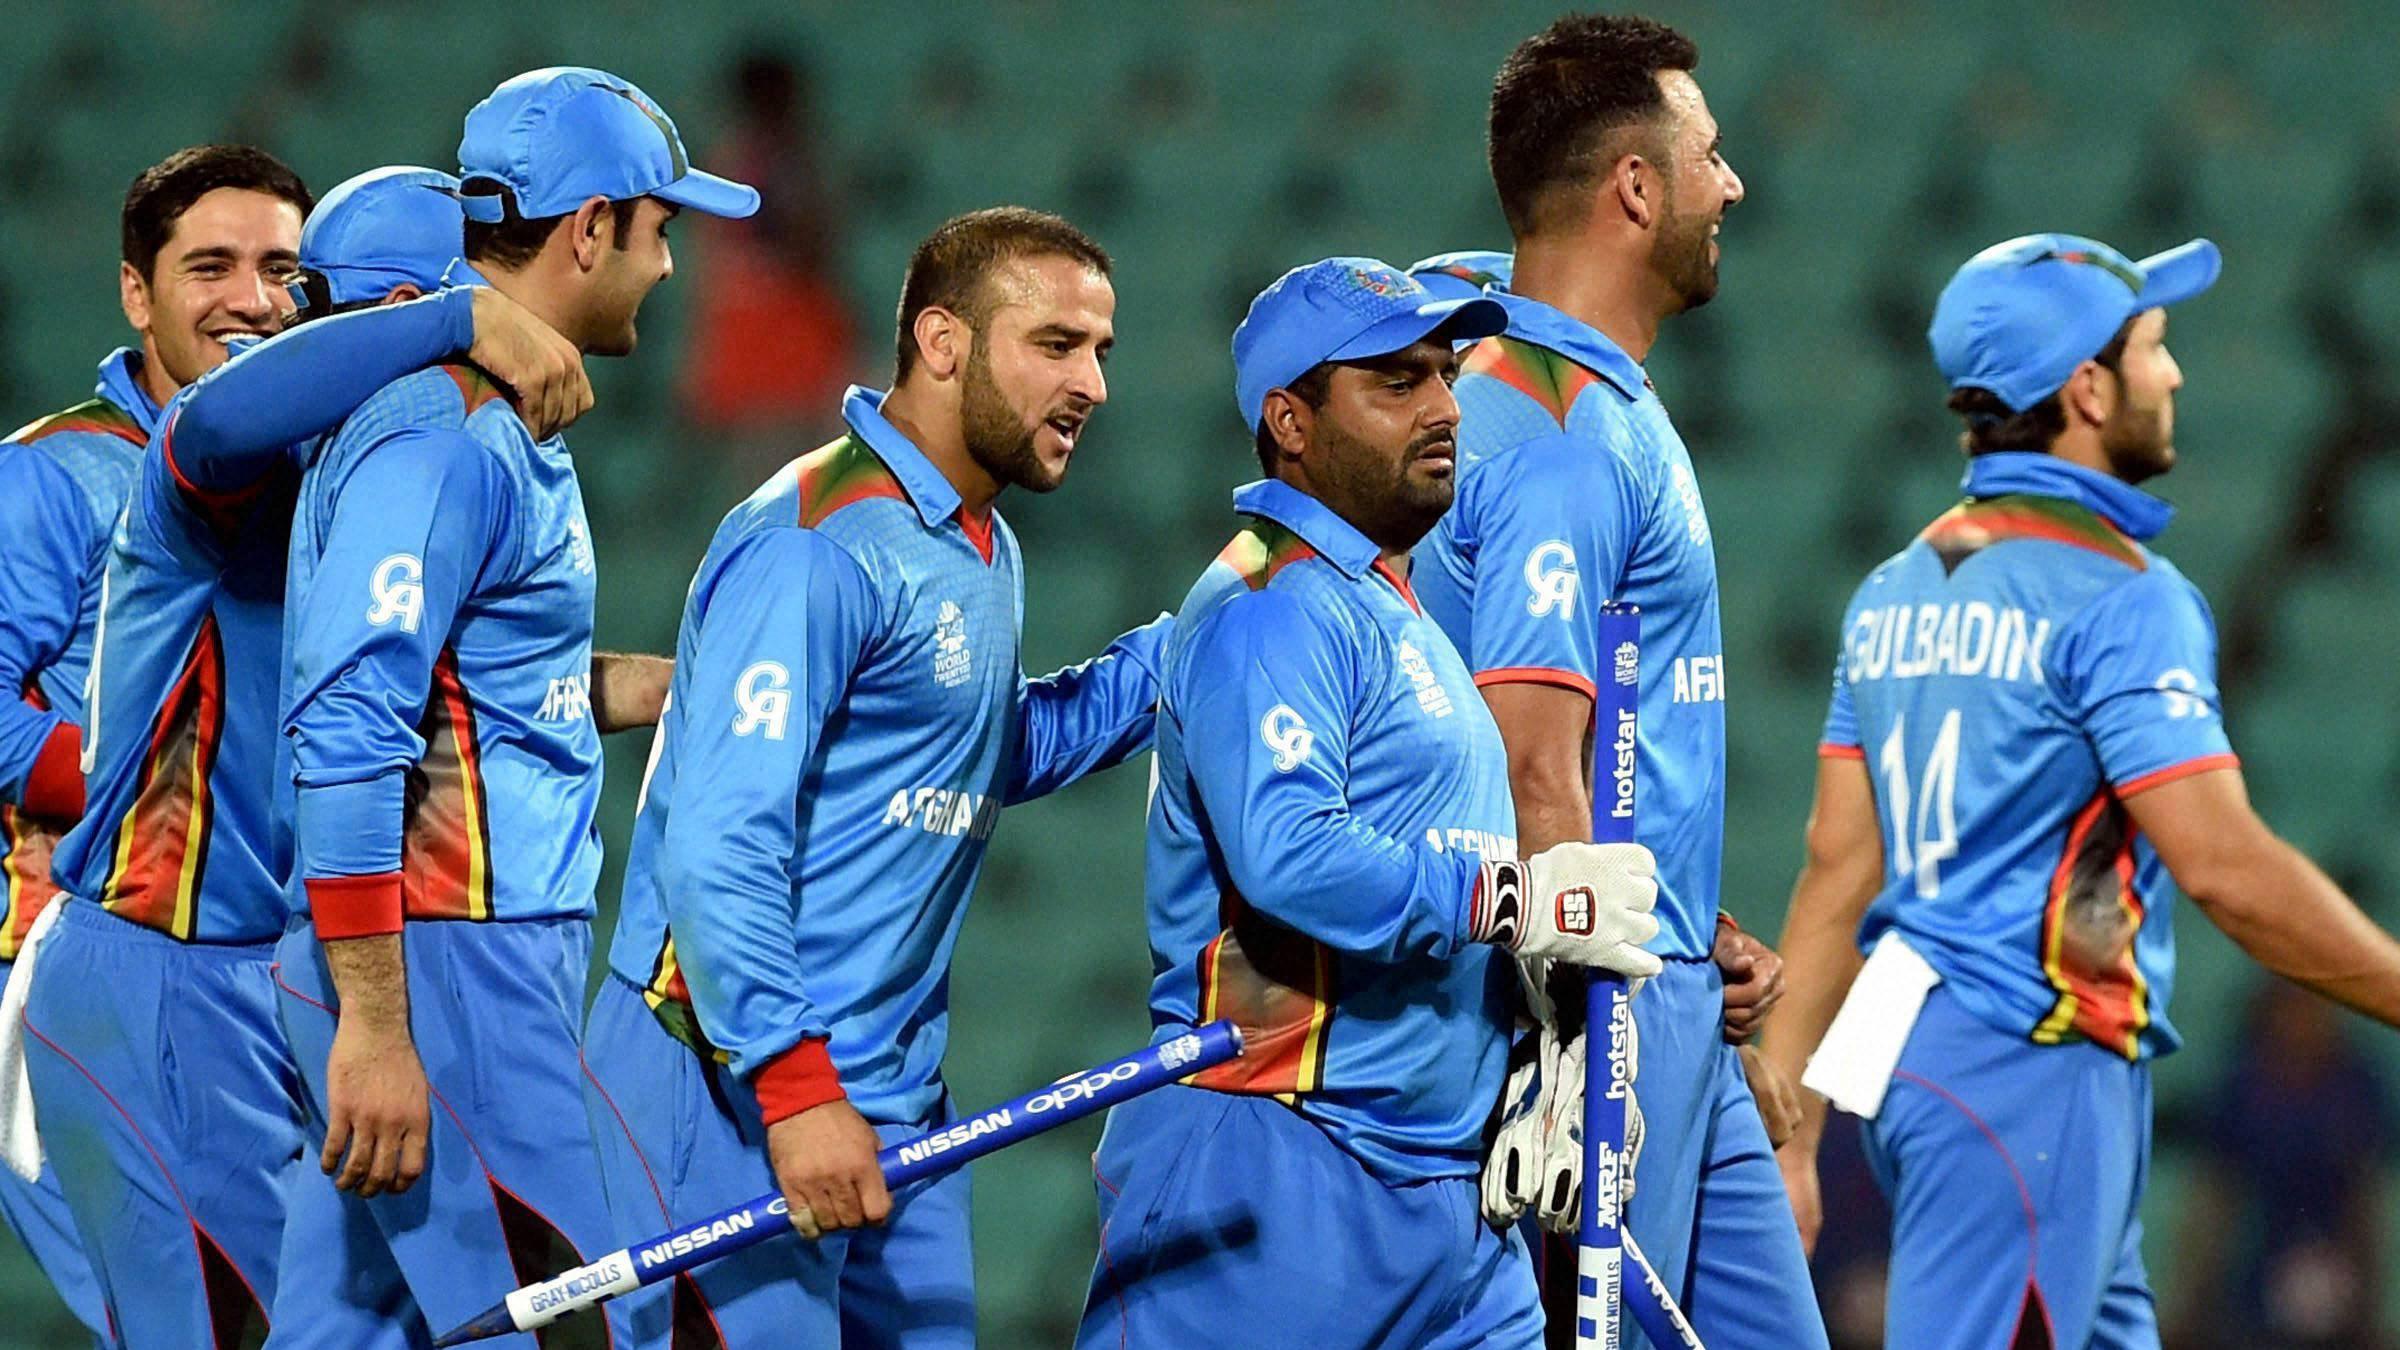 अफगानिस्तान के सामने फिरकी विकेट बनाना भारत पड़ सकता है भारी- लालचंद राजपूत